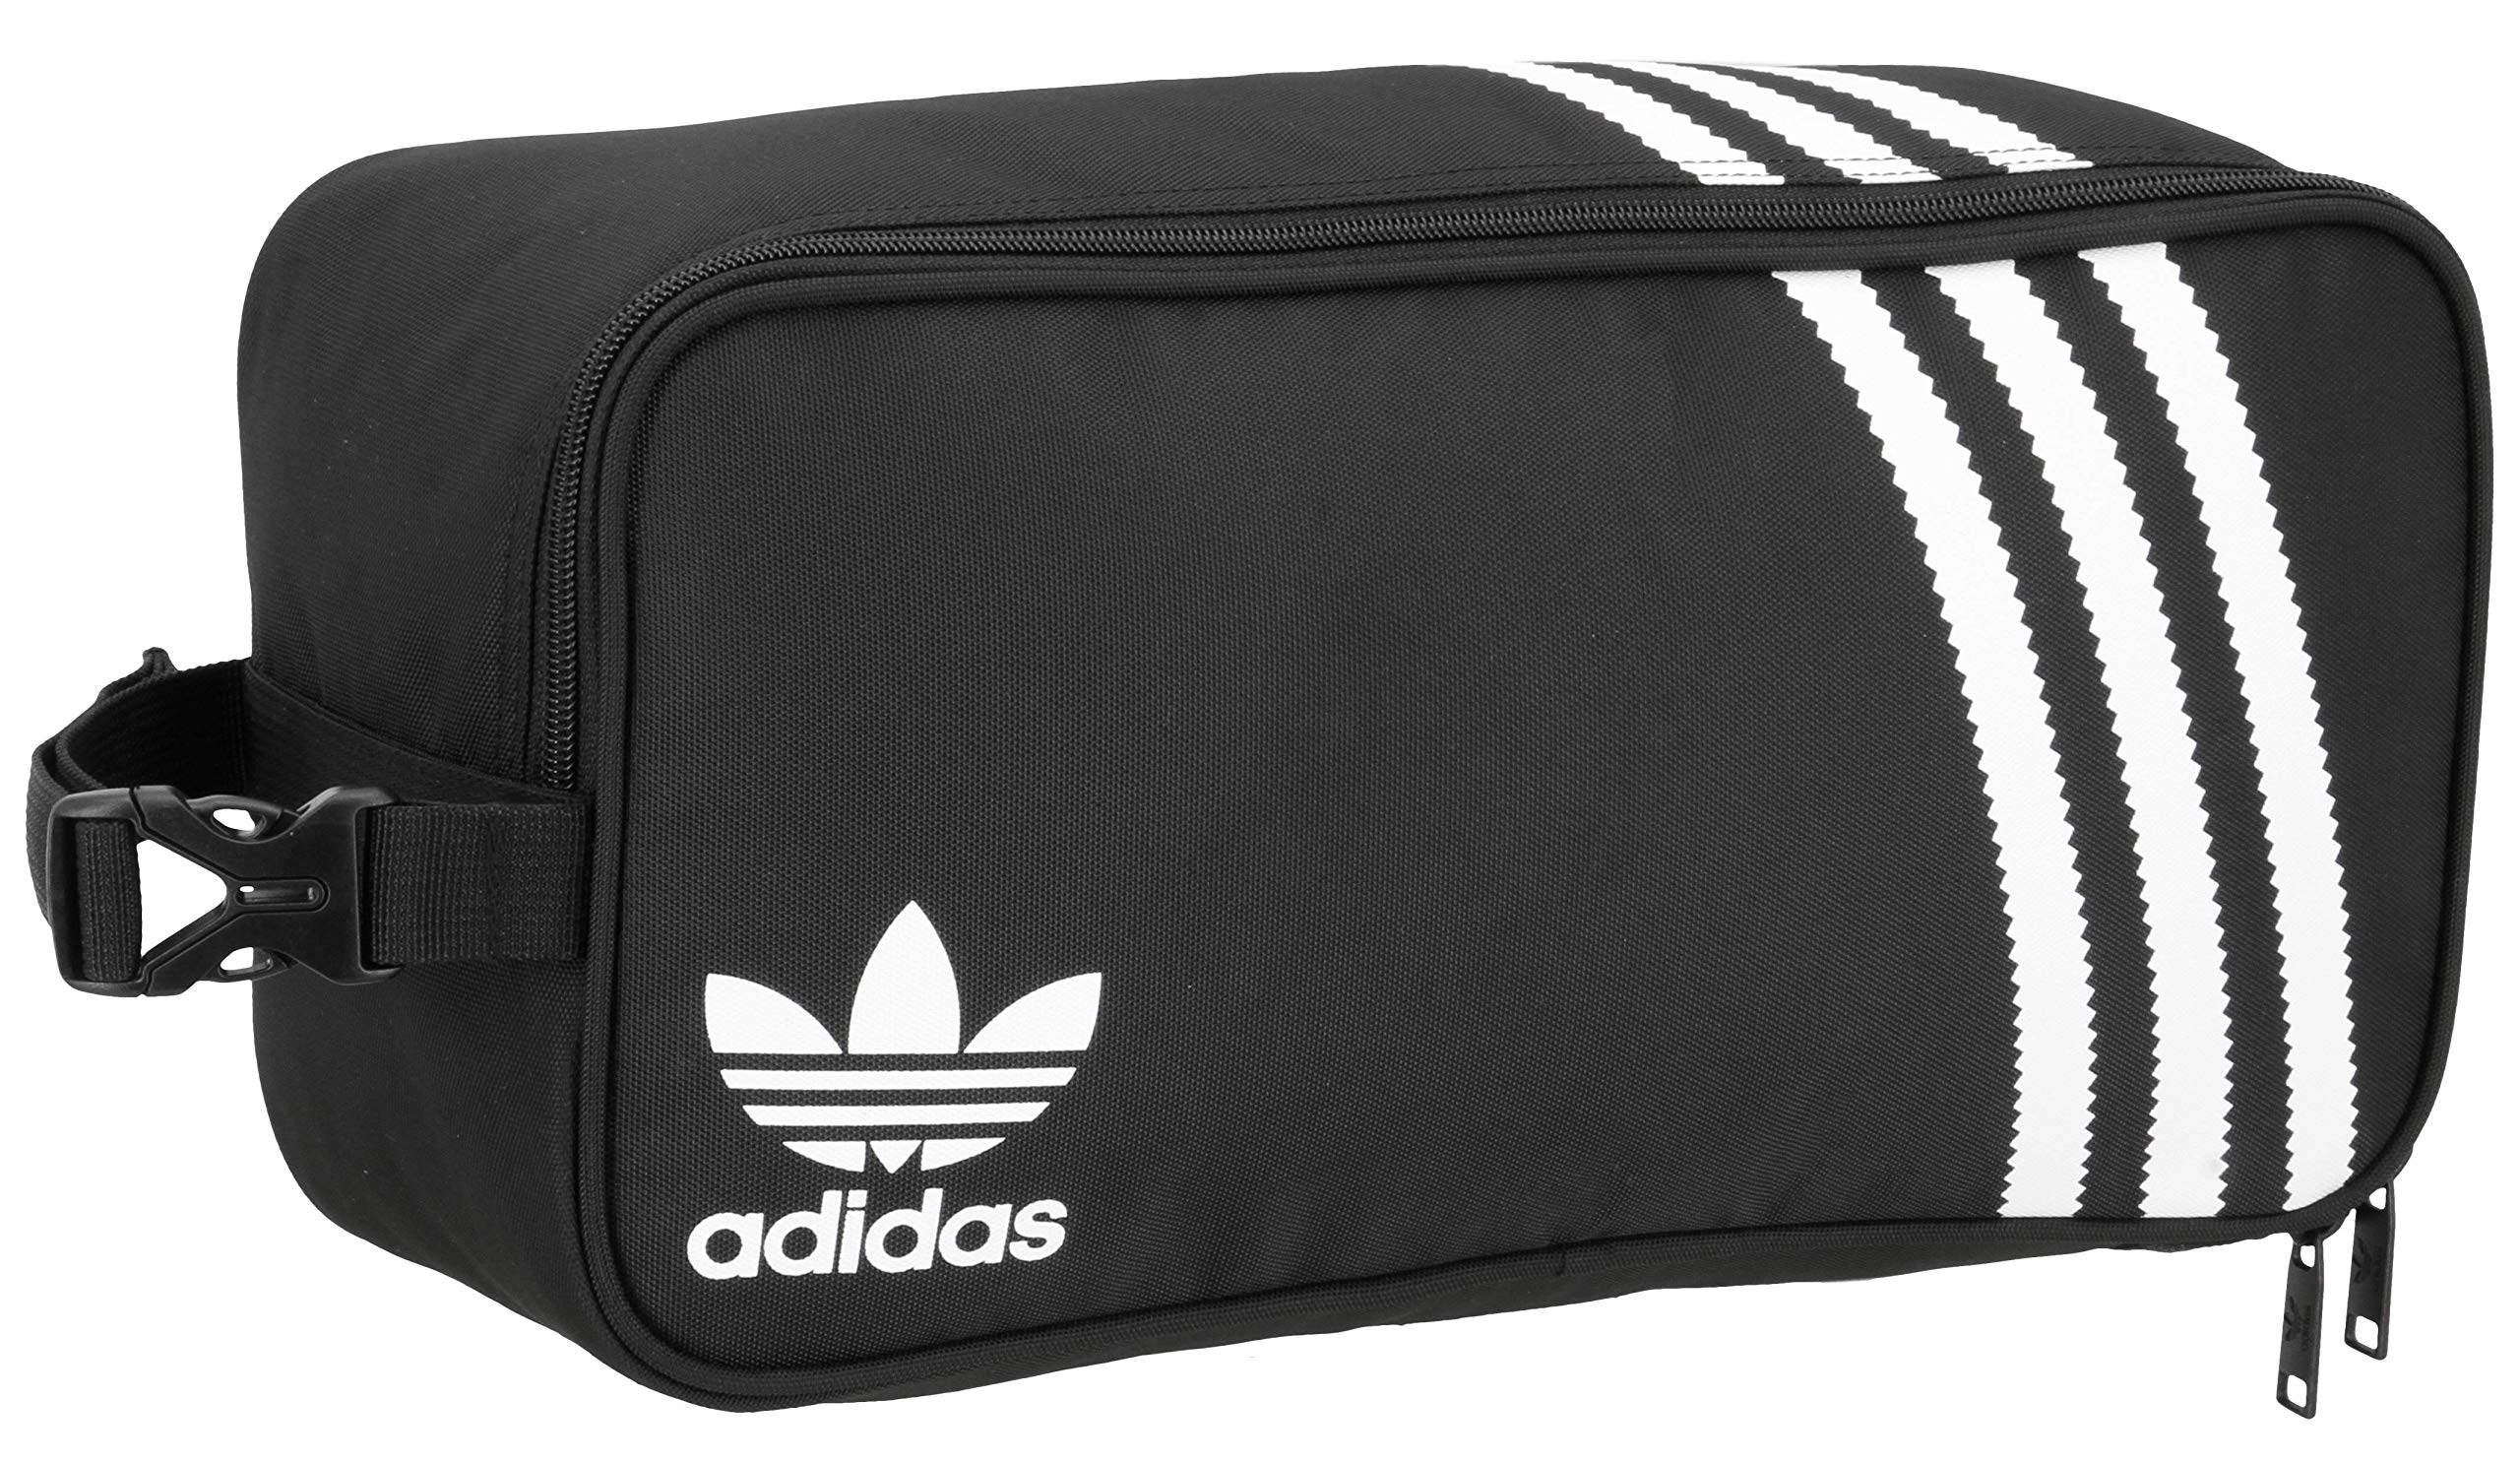 adidas Originals Unisex 3-Stripes Shoe Bag, Black, ONE SIZE by adidas Originals